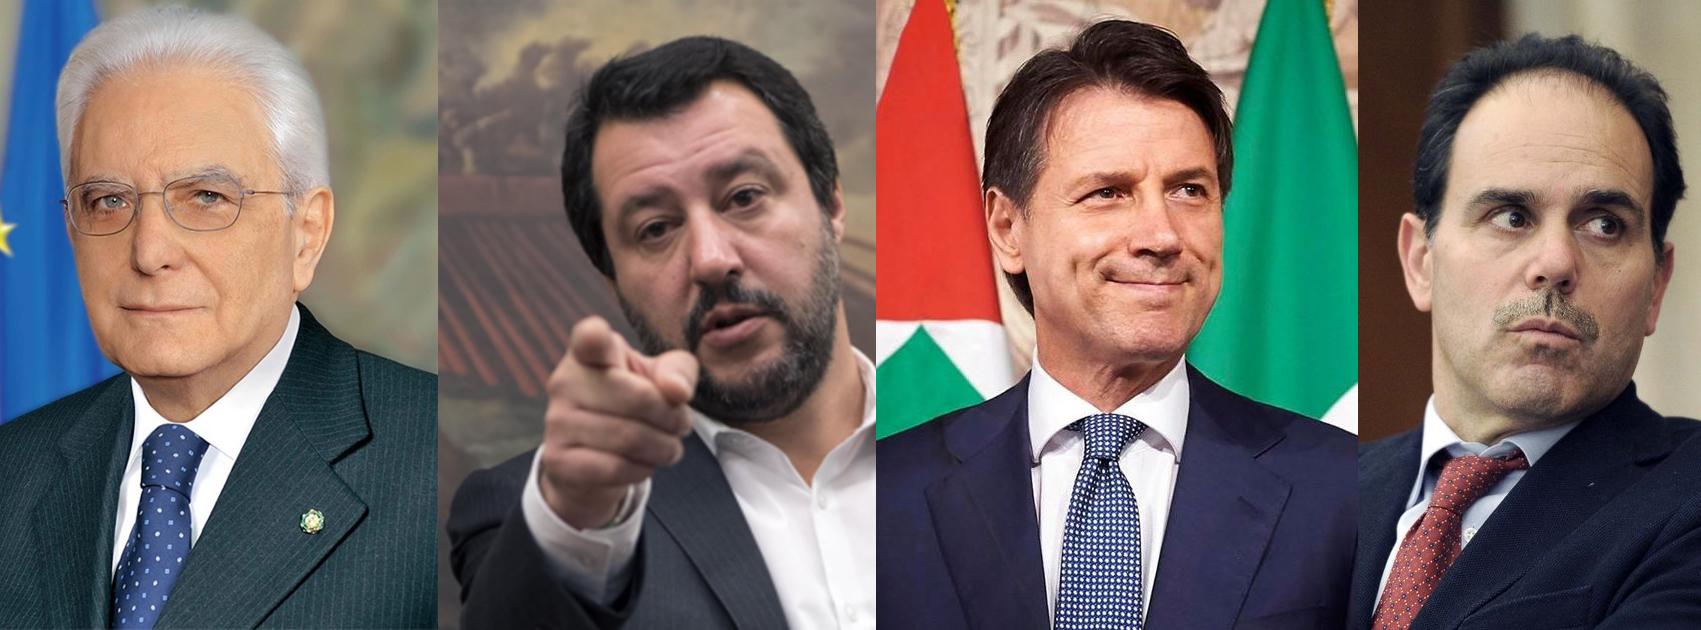 Como o 'caos' político na Itália pode refletir no processo de cidadania?